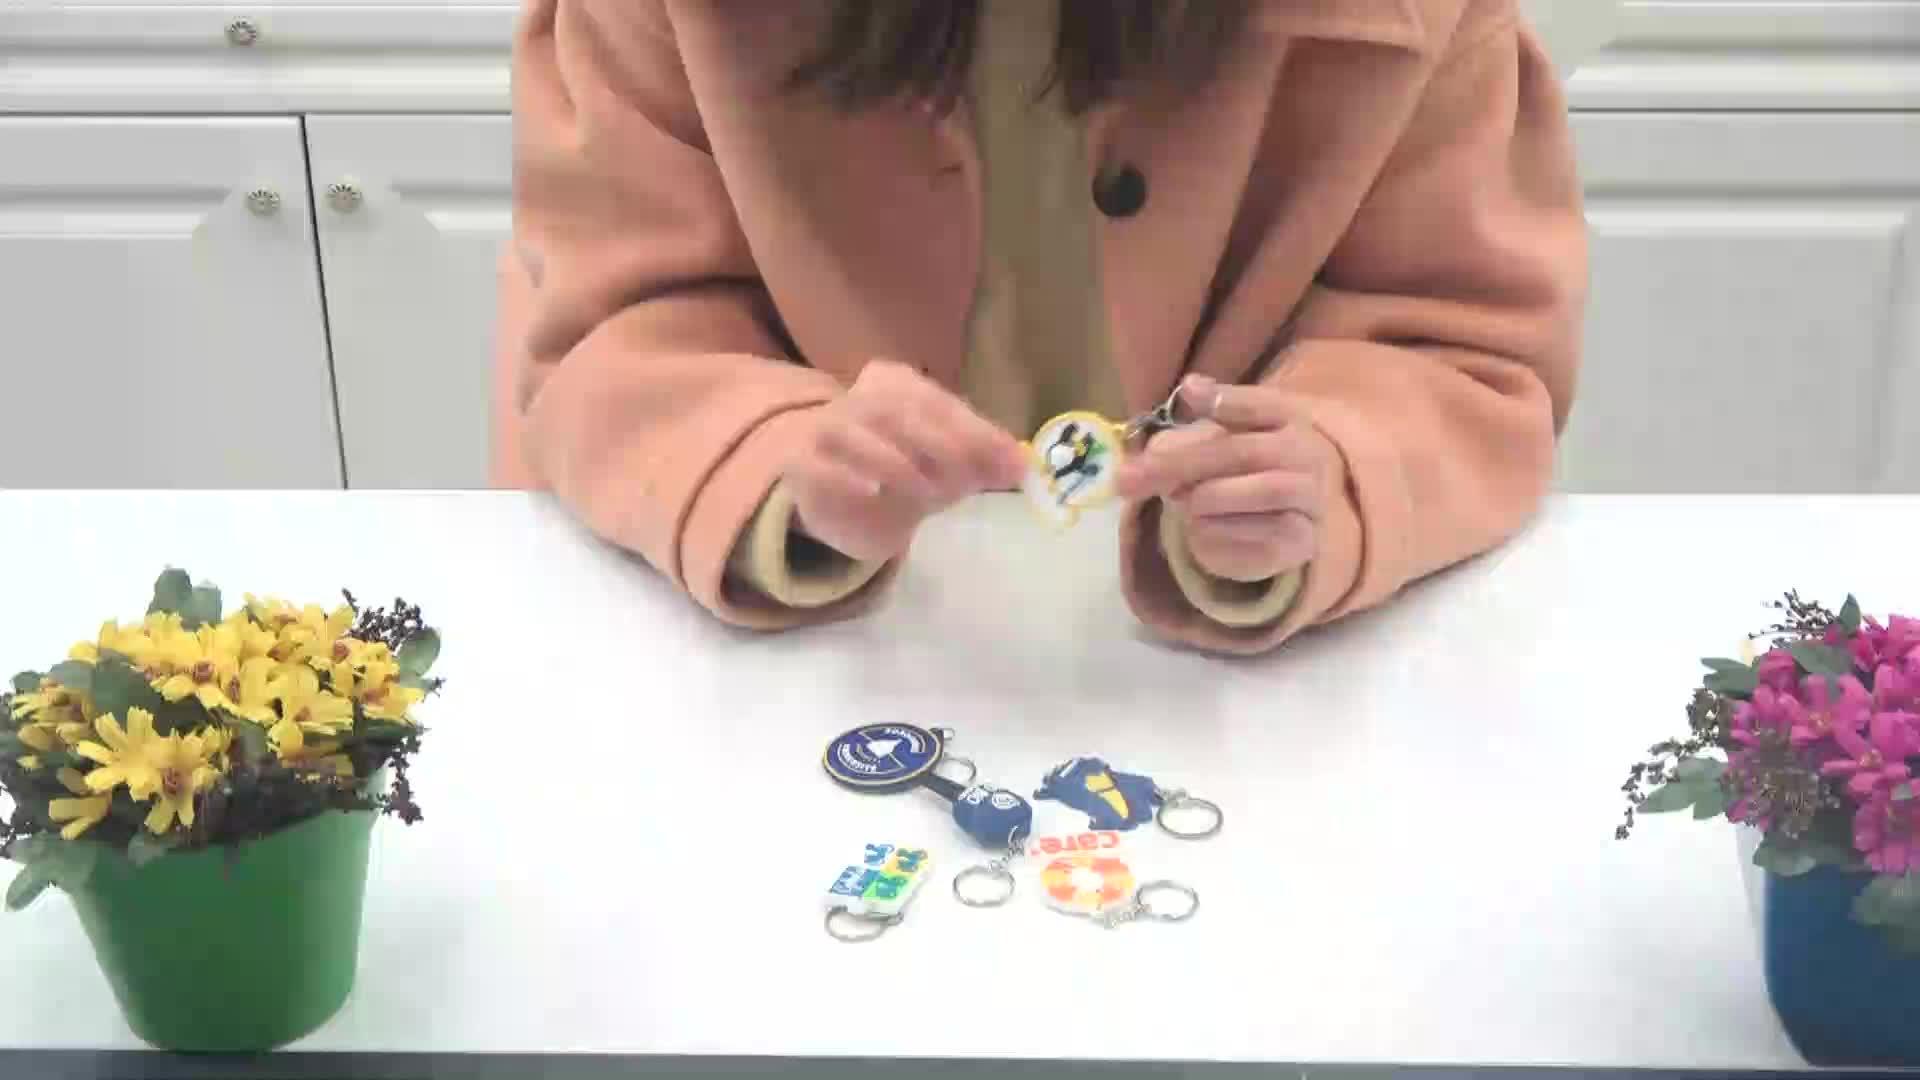 Angepasst Nette Cartoon Pvc Gummi Schlüssel Kette Ring Geeignet Für Werbe Geschenke